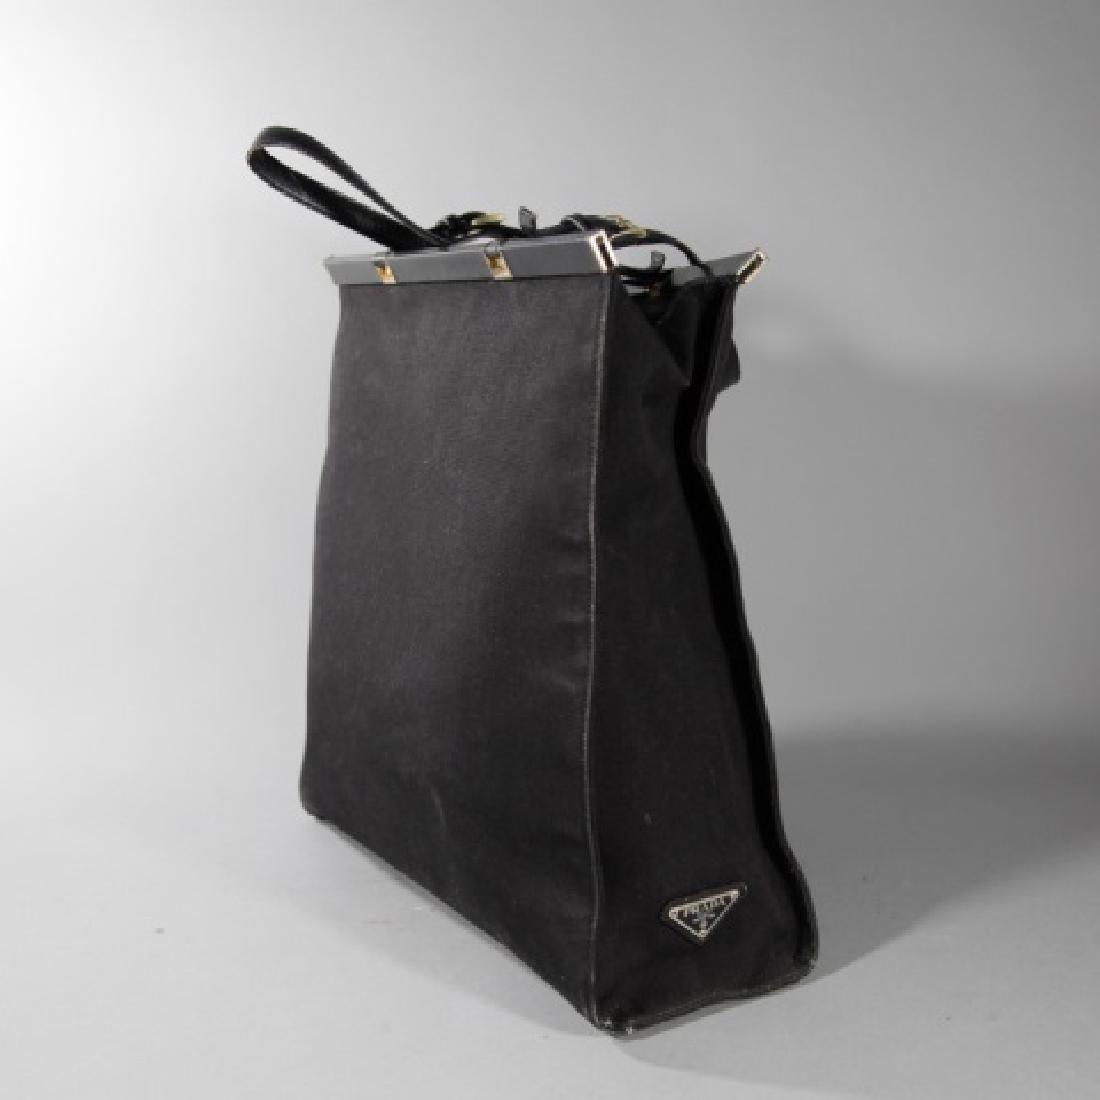 Vintage Black Canvas & Leather Prada Purse